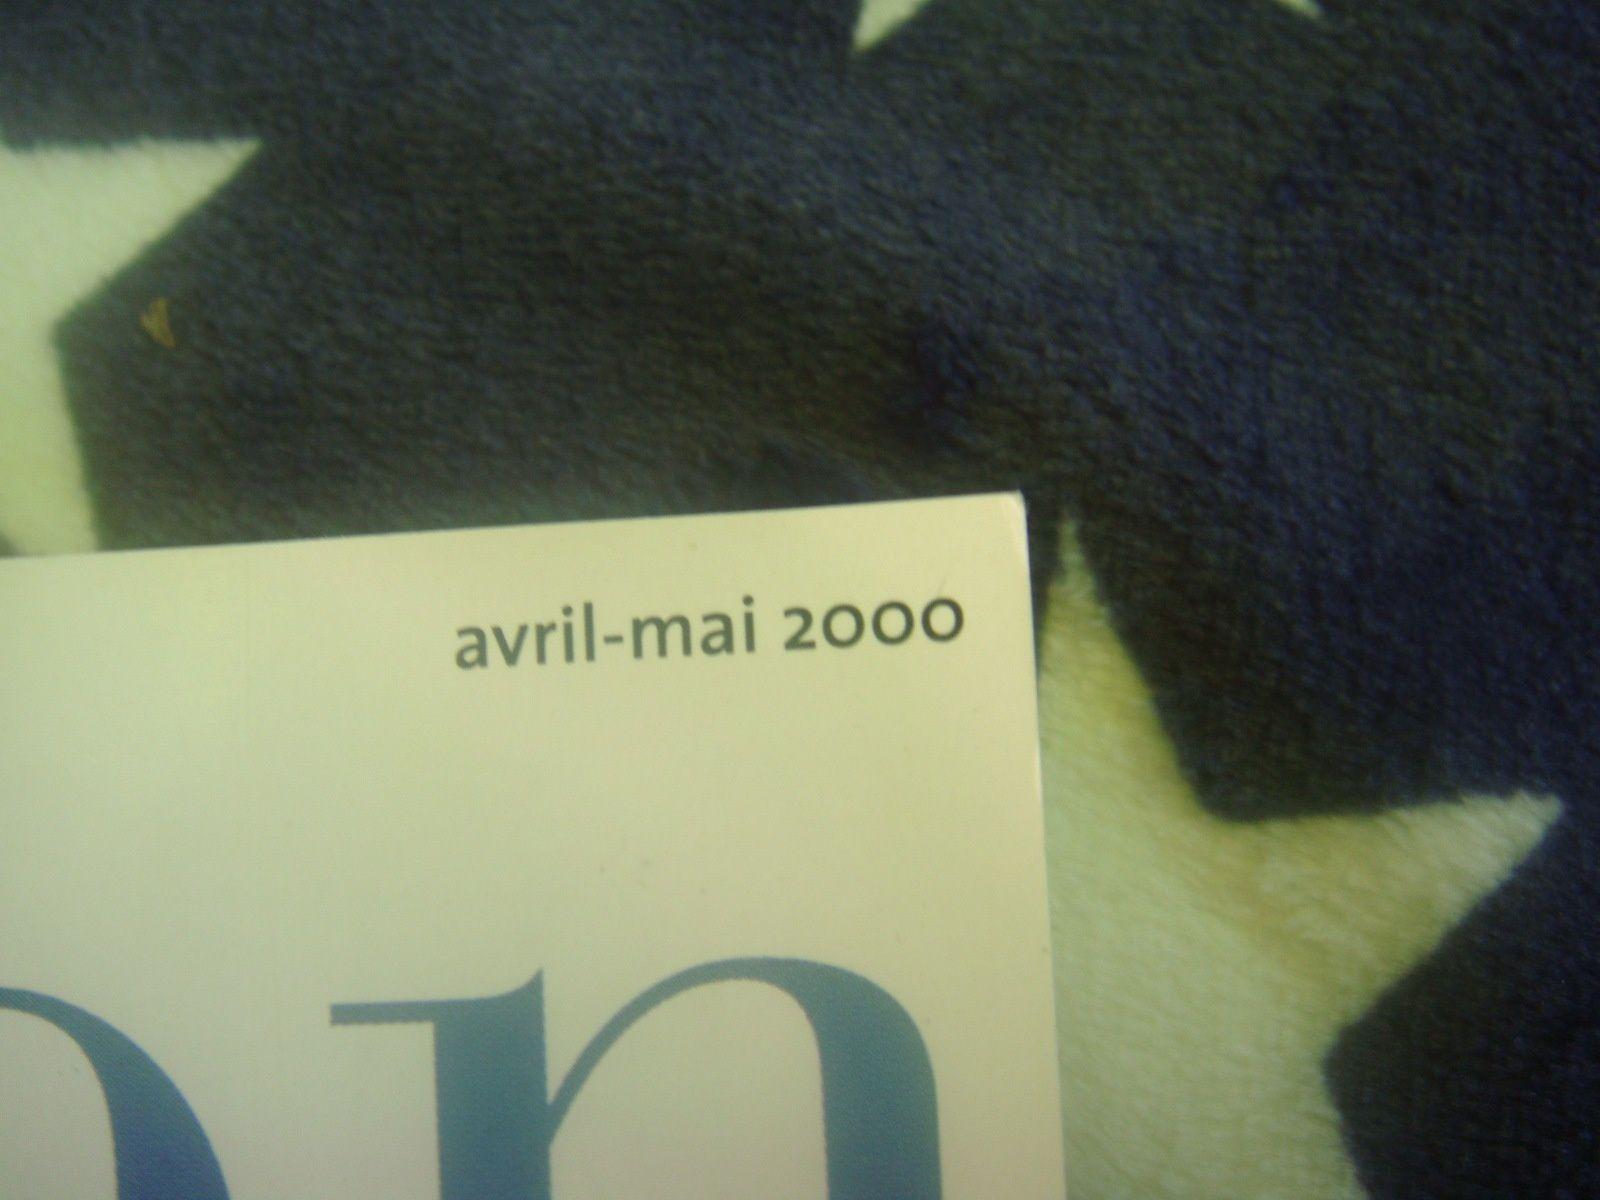 Archives qui datent!!!, enfin pas autant que les 100 Idées!!!